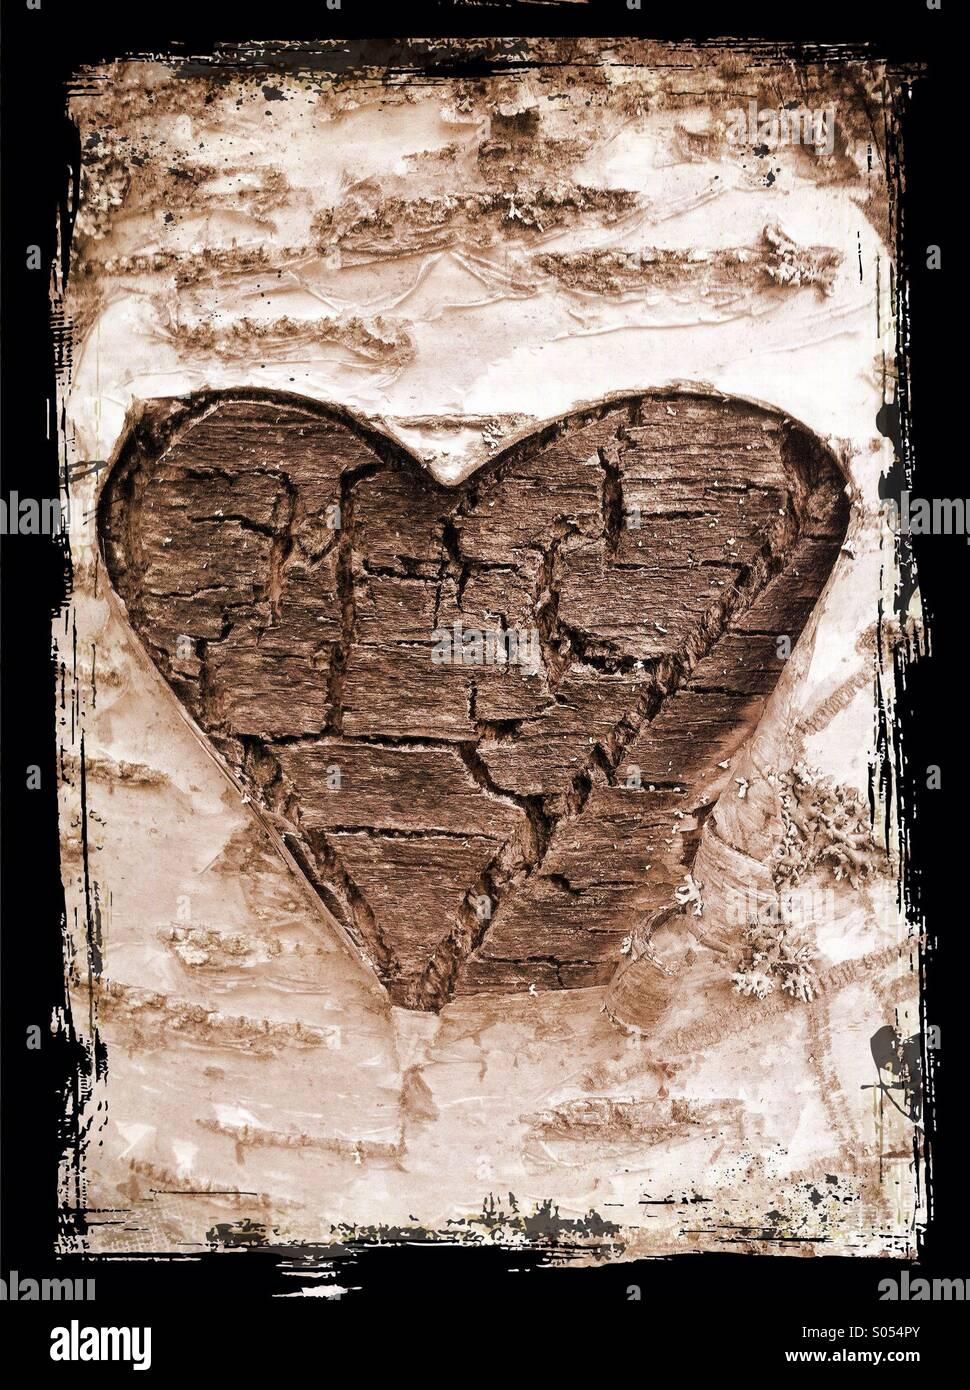 Un cuore tagliato di una betulla Immagini Stock